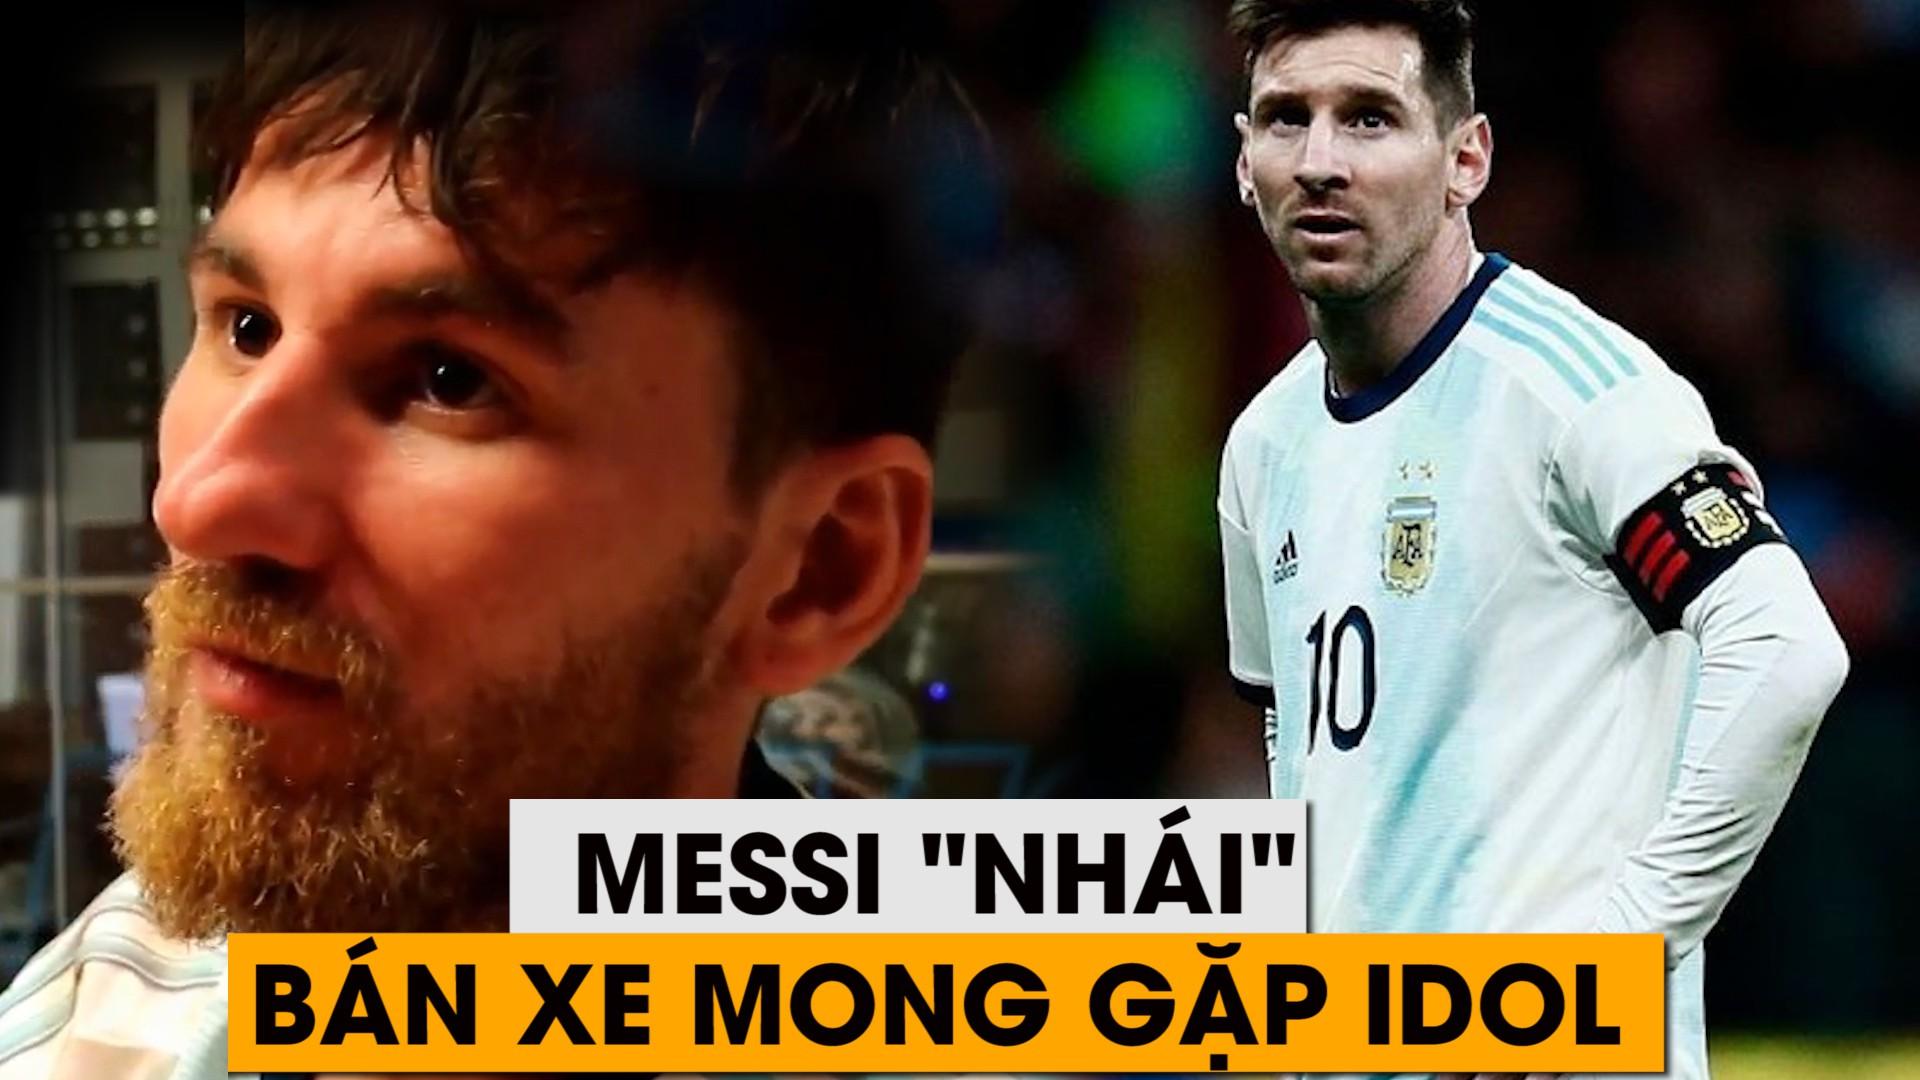 VIDEO: Messi 'nhái' bán tài sản để gặp Messi 'thật'